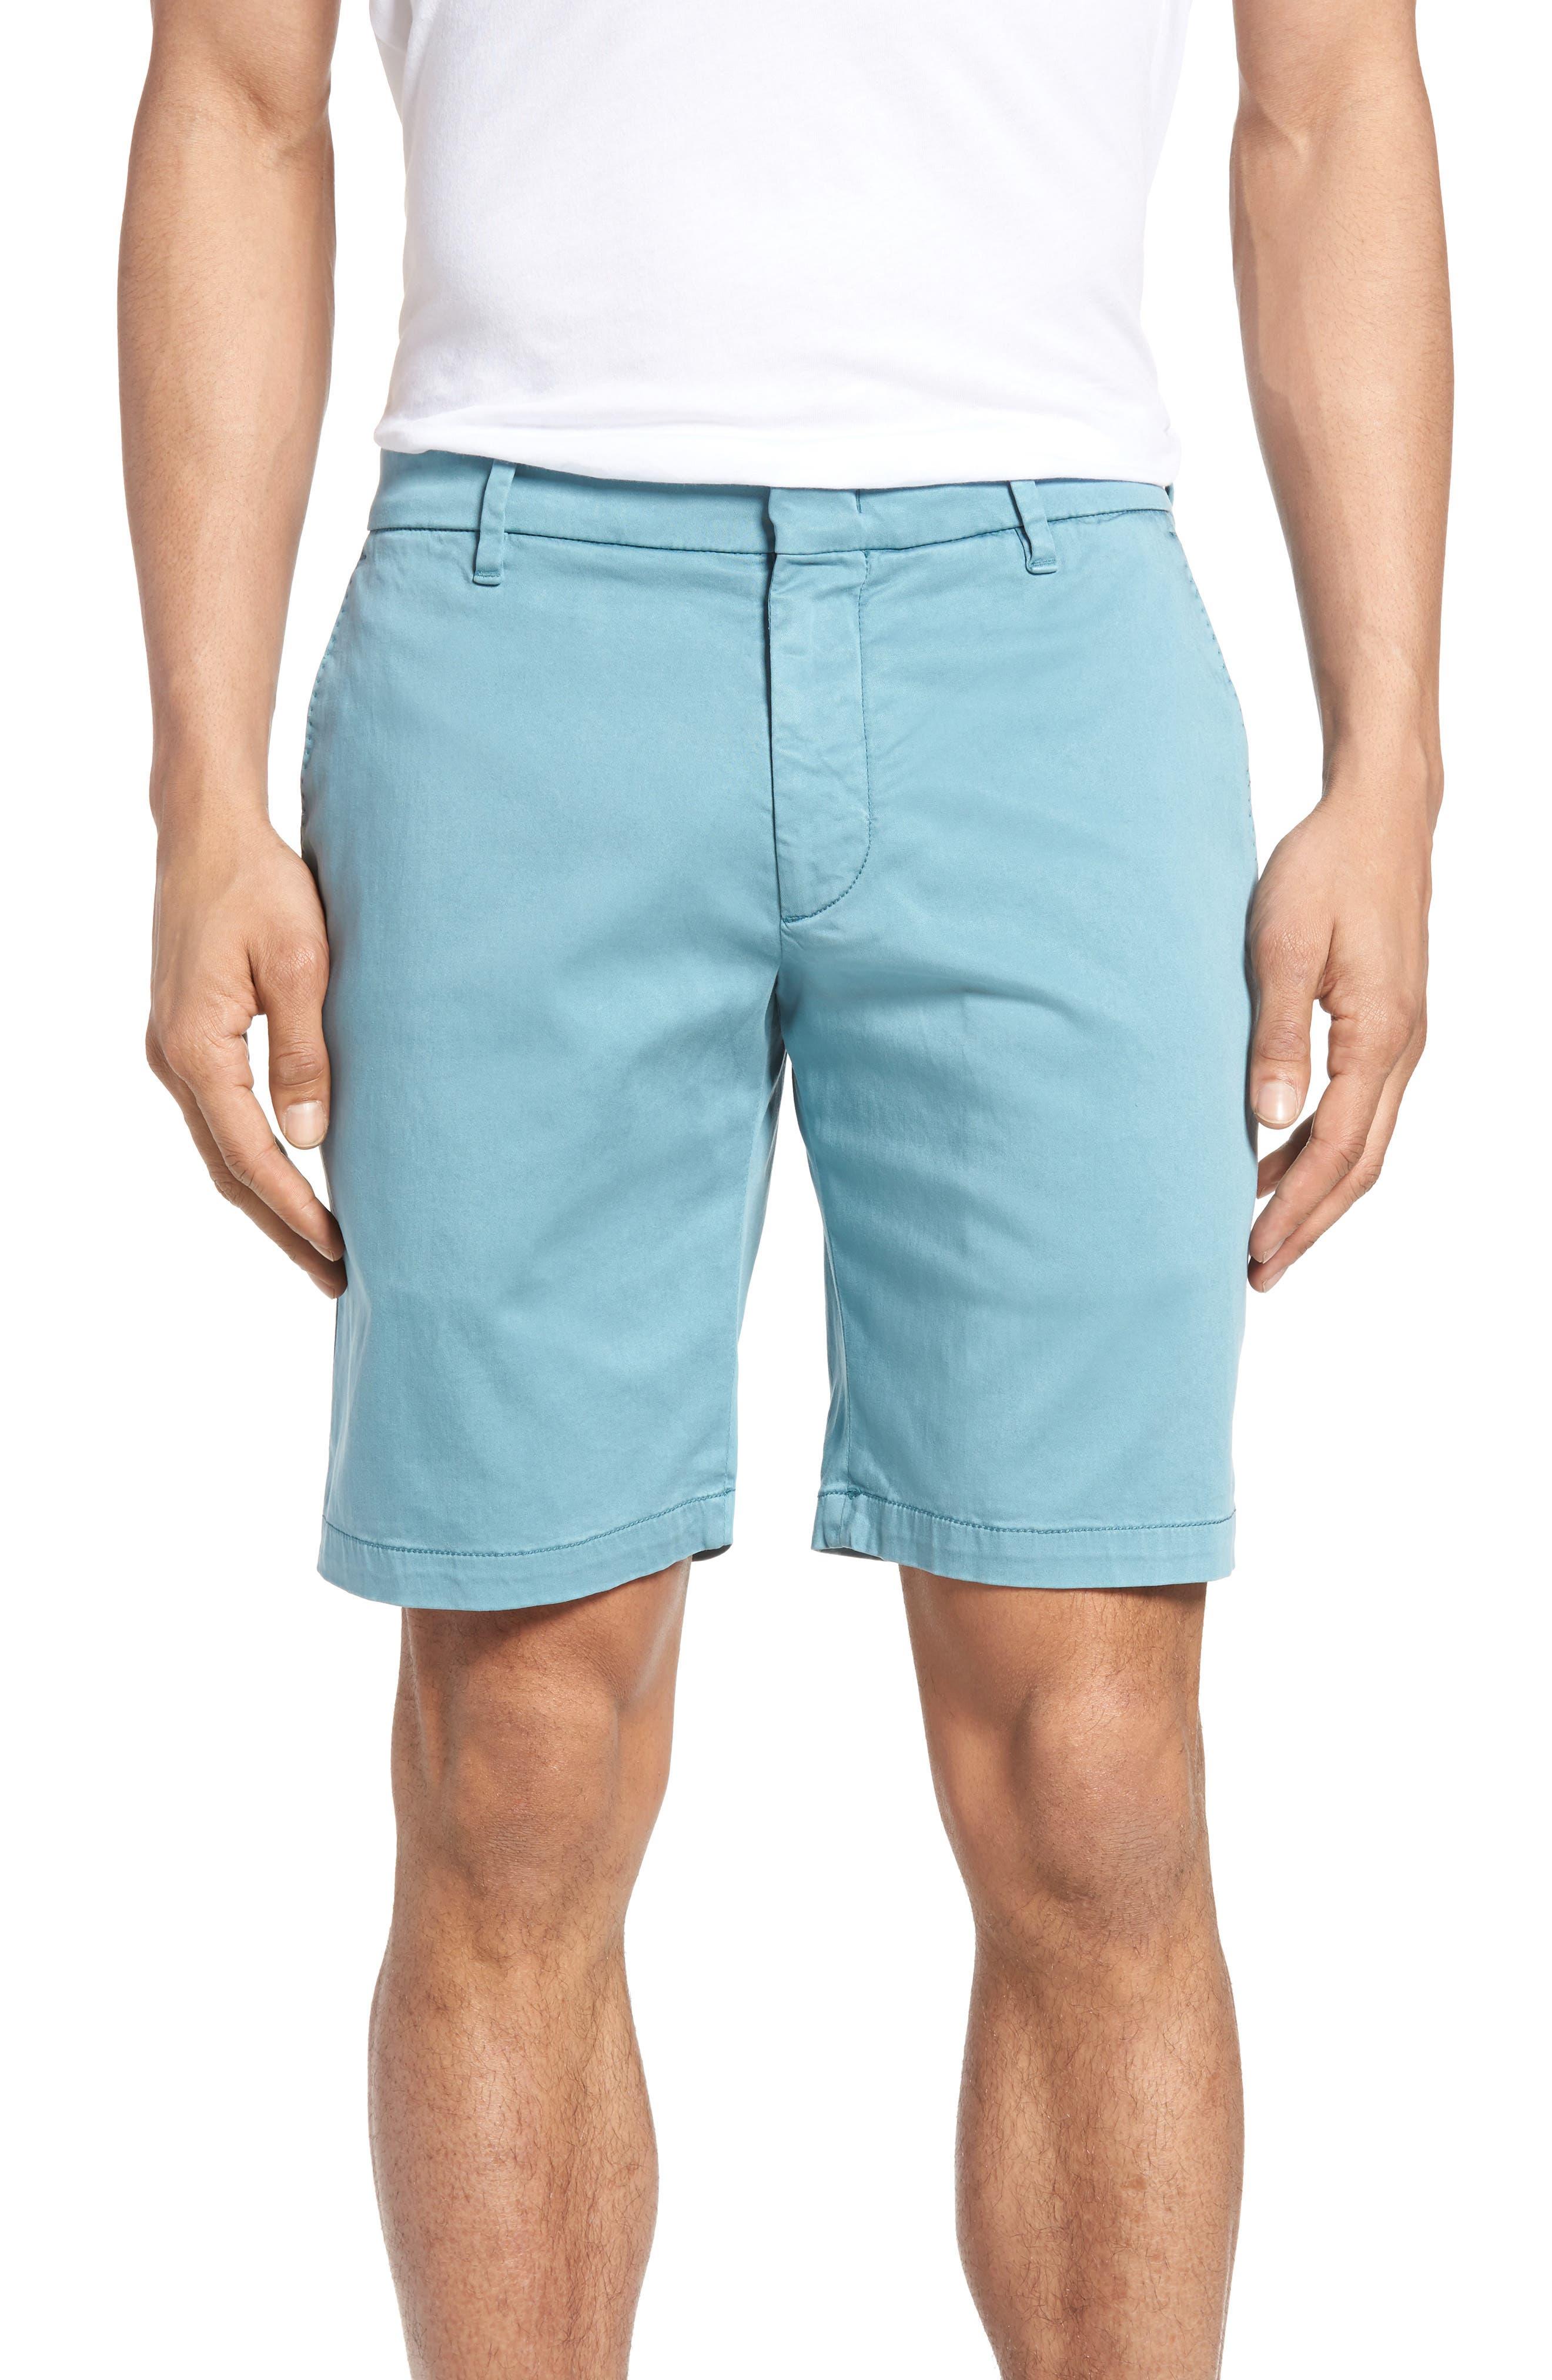 Catalpa Shorts,                         Main,                         color, Teal